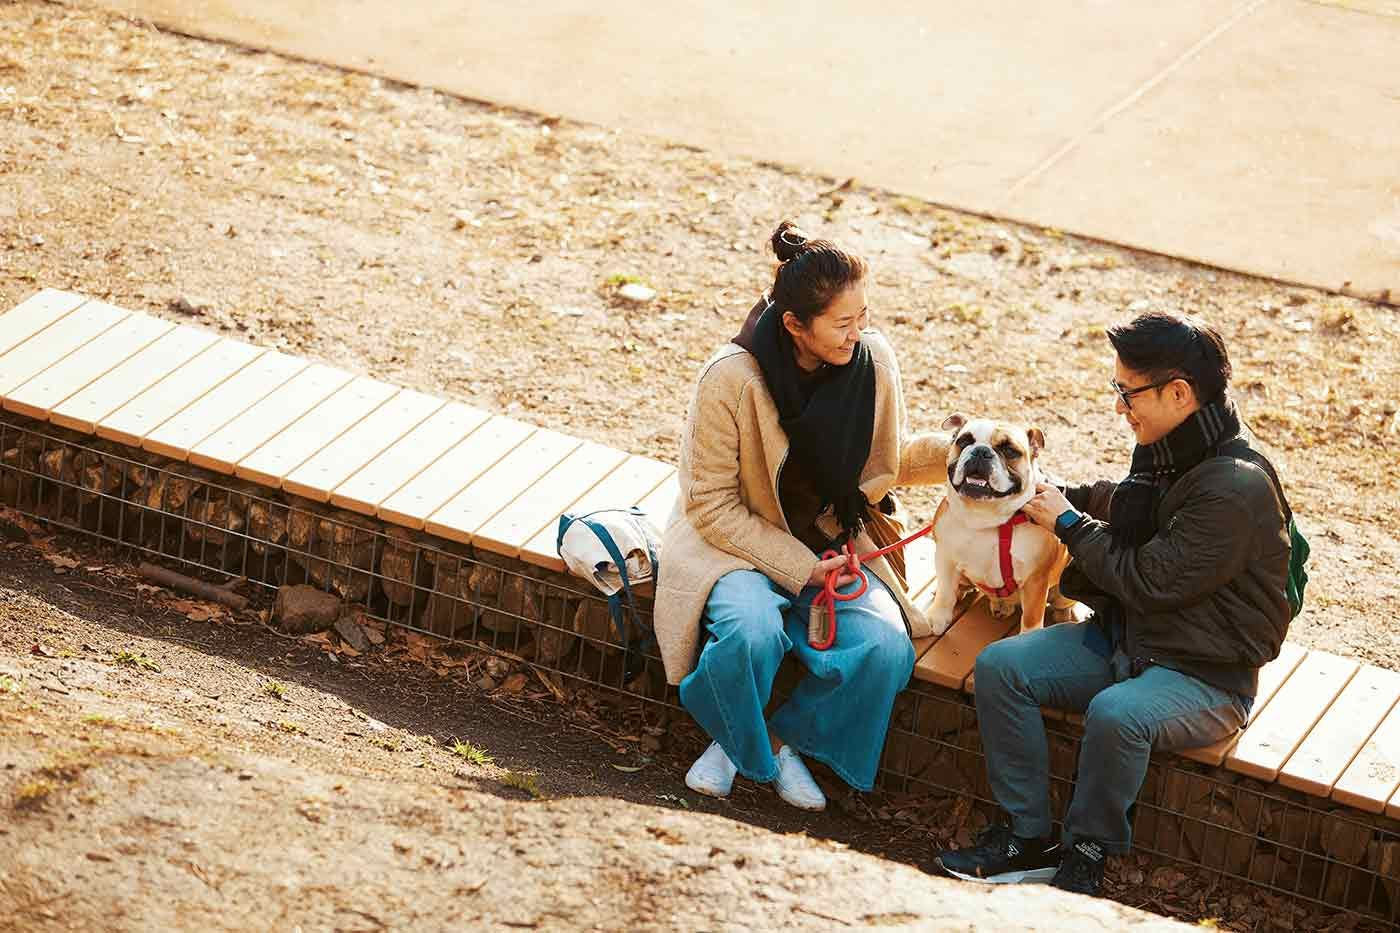 鼻ぺちゃを愛してやまないご夫婦。愛犬のブルドッグ、エイトくんが暴れん坊で可愛すぎる!